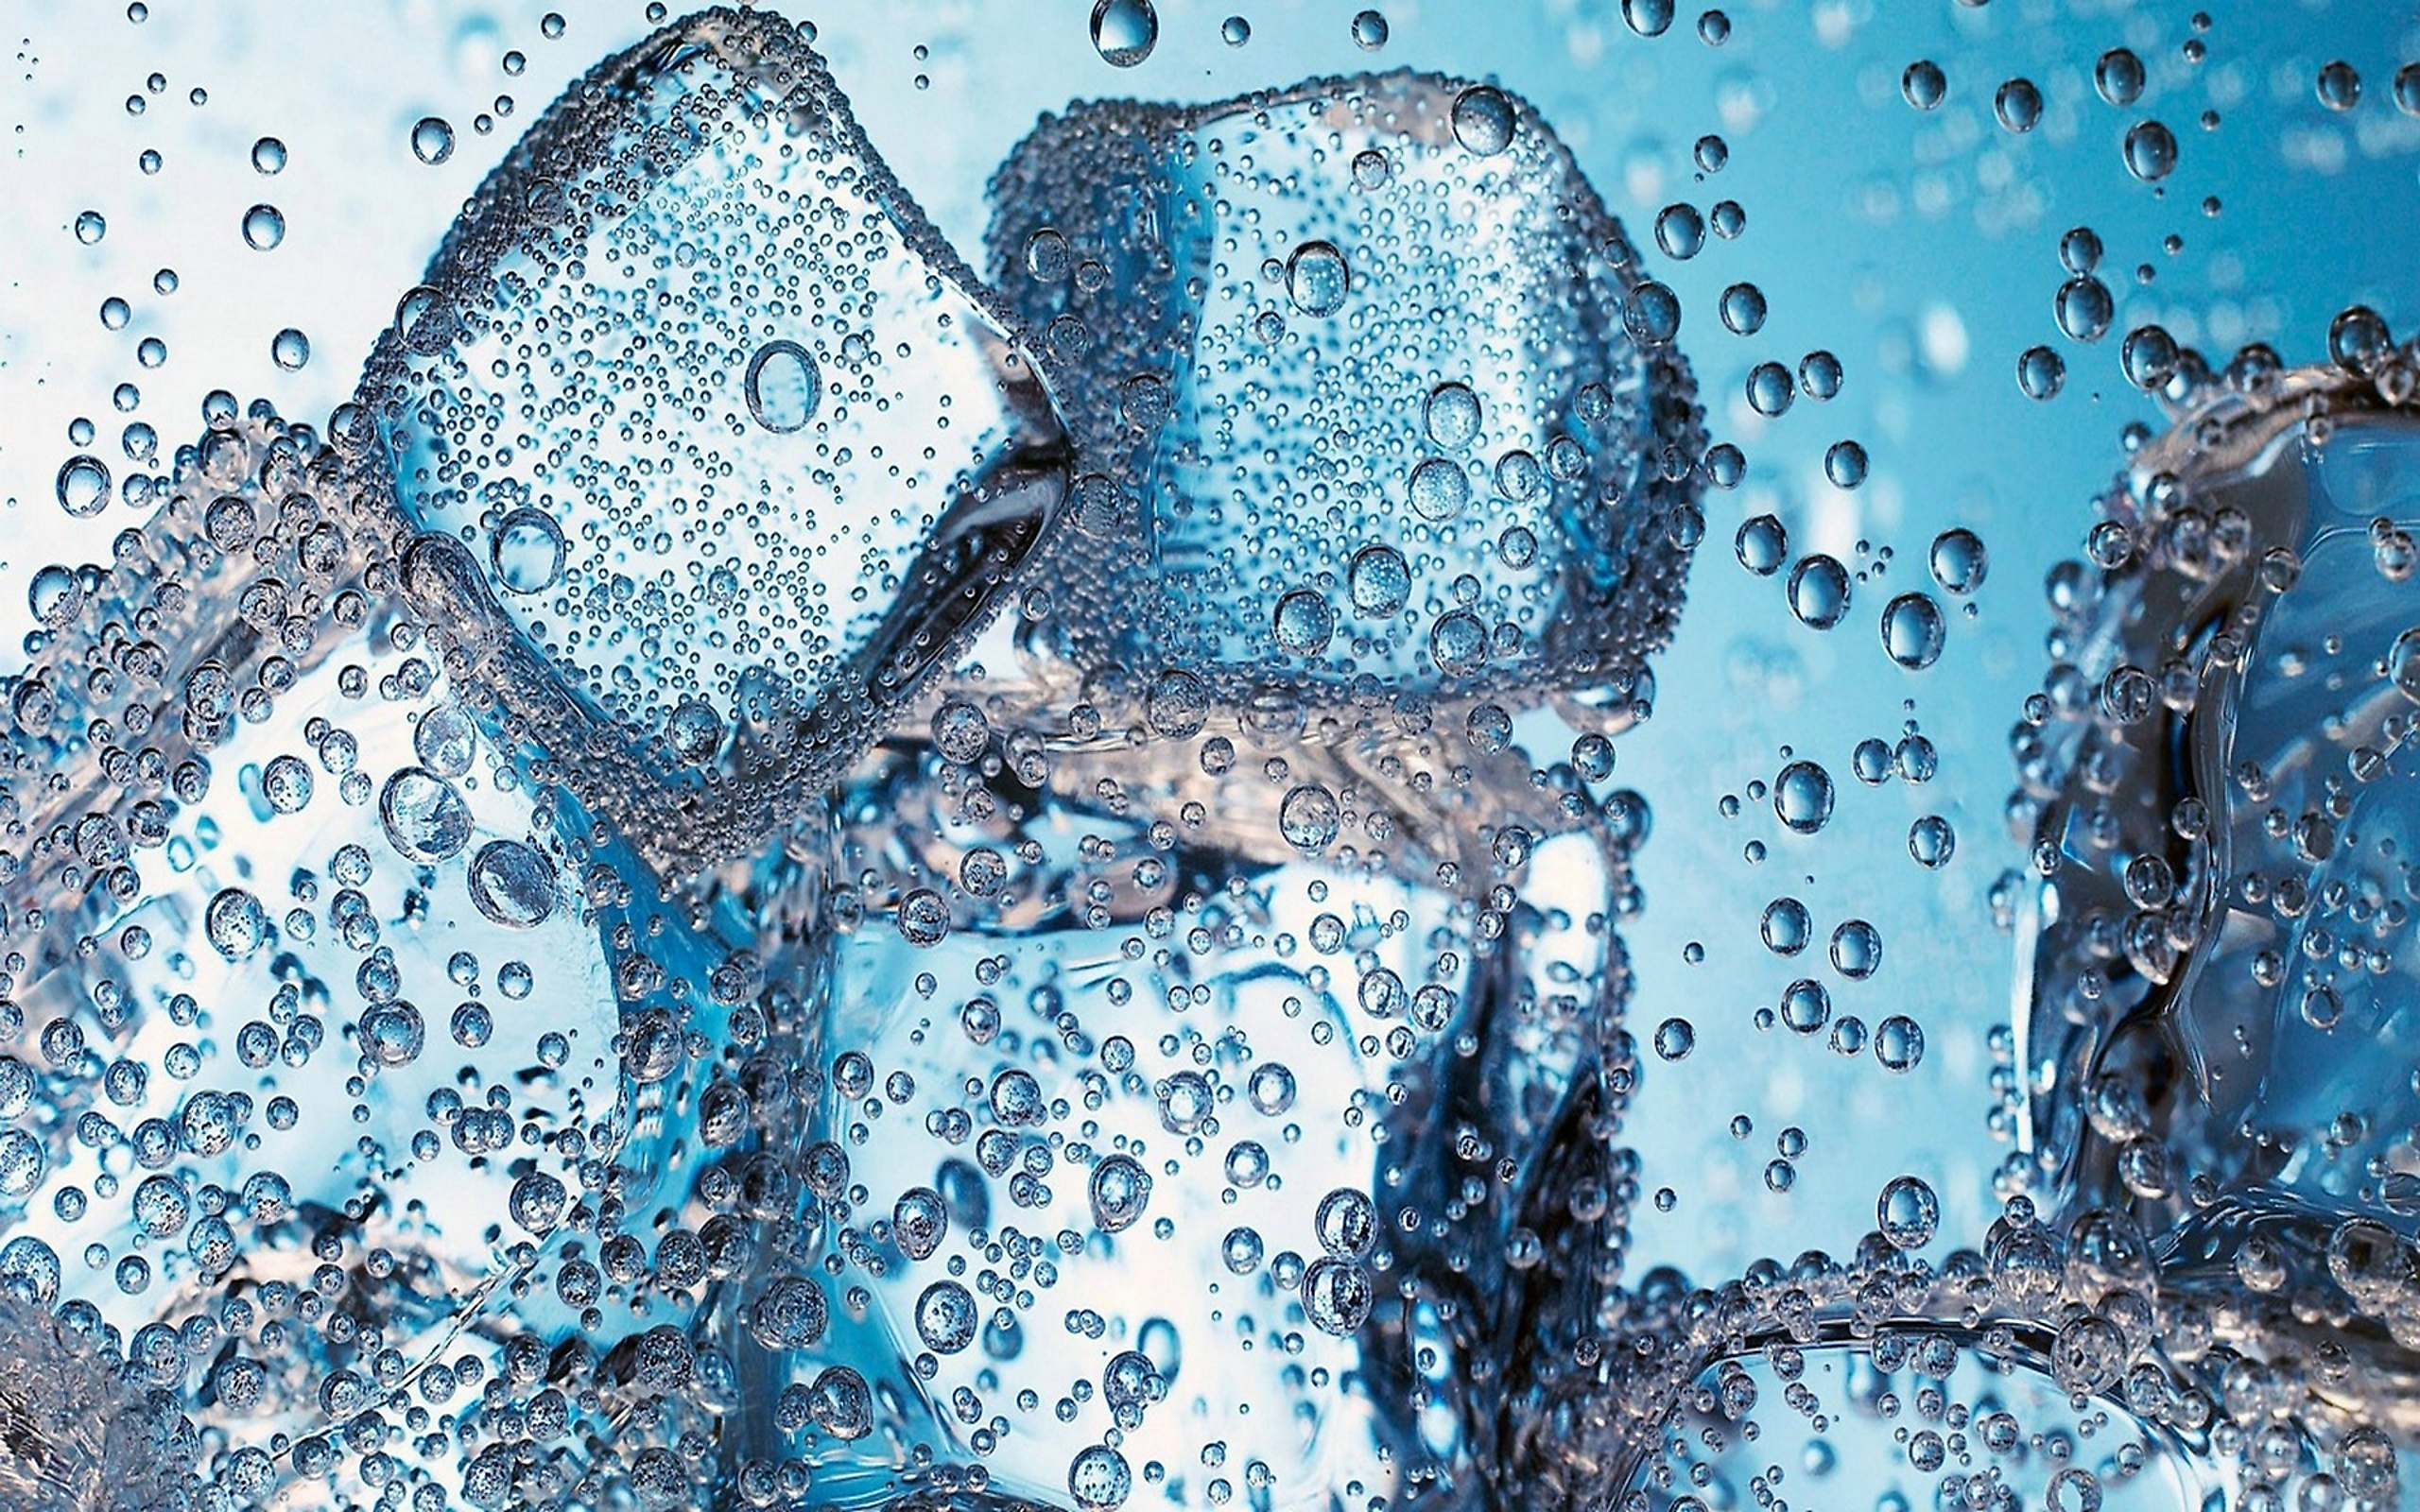 Живая Вода Обои Бесплатно